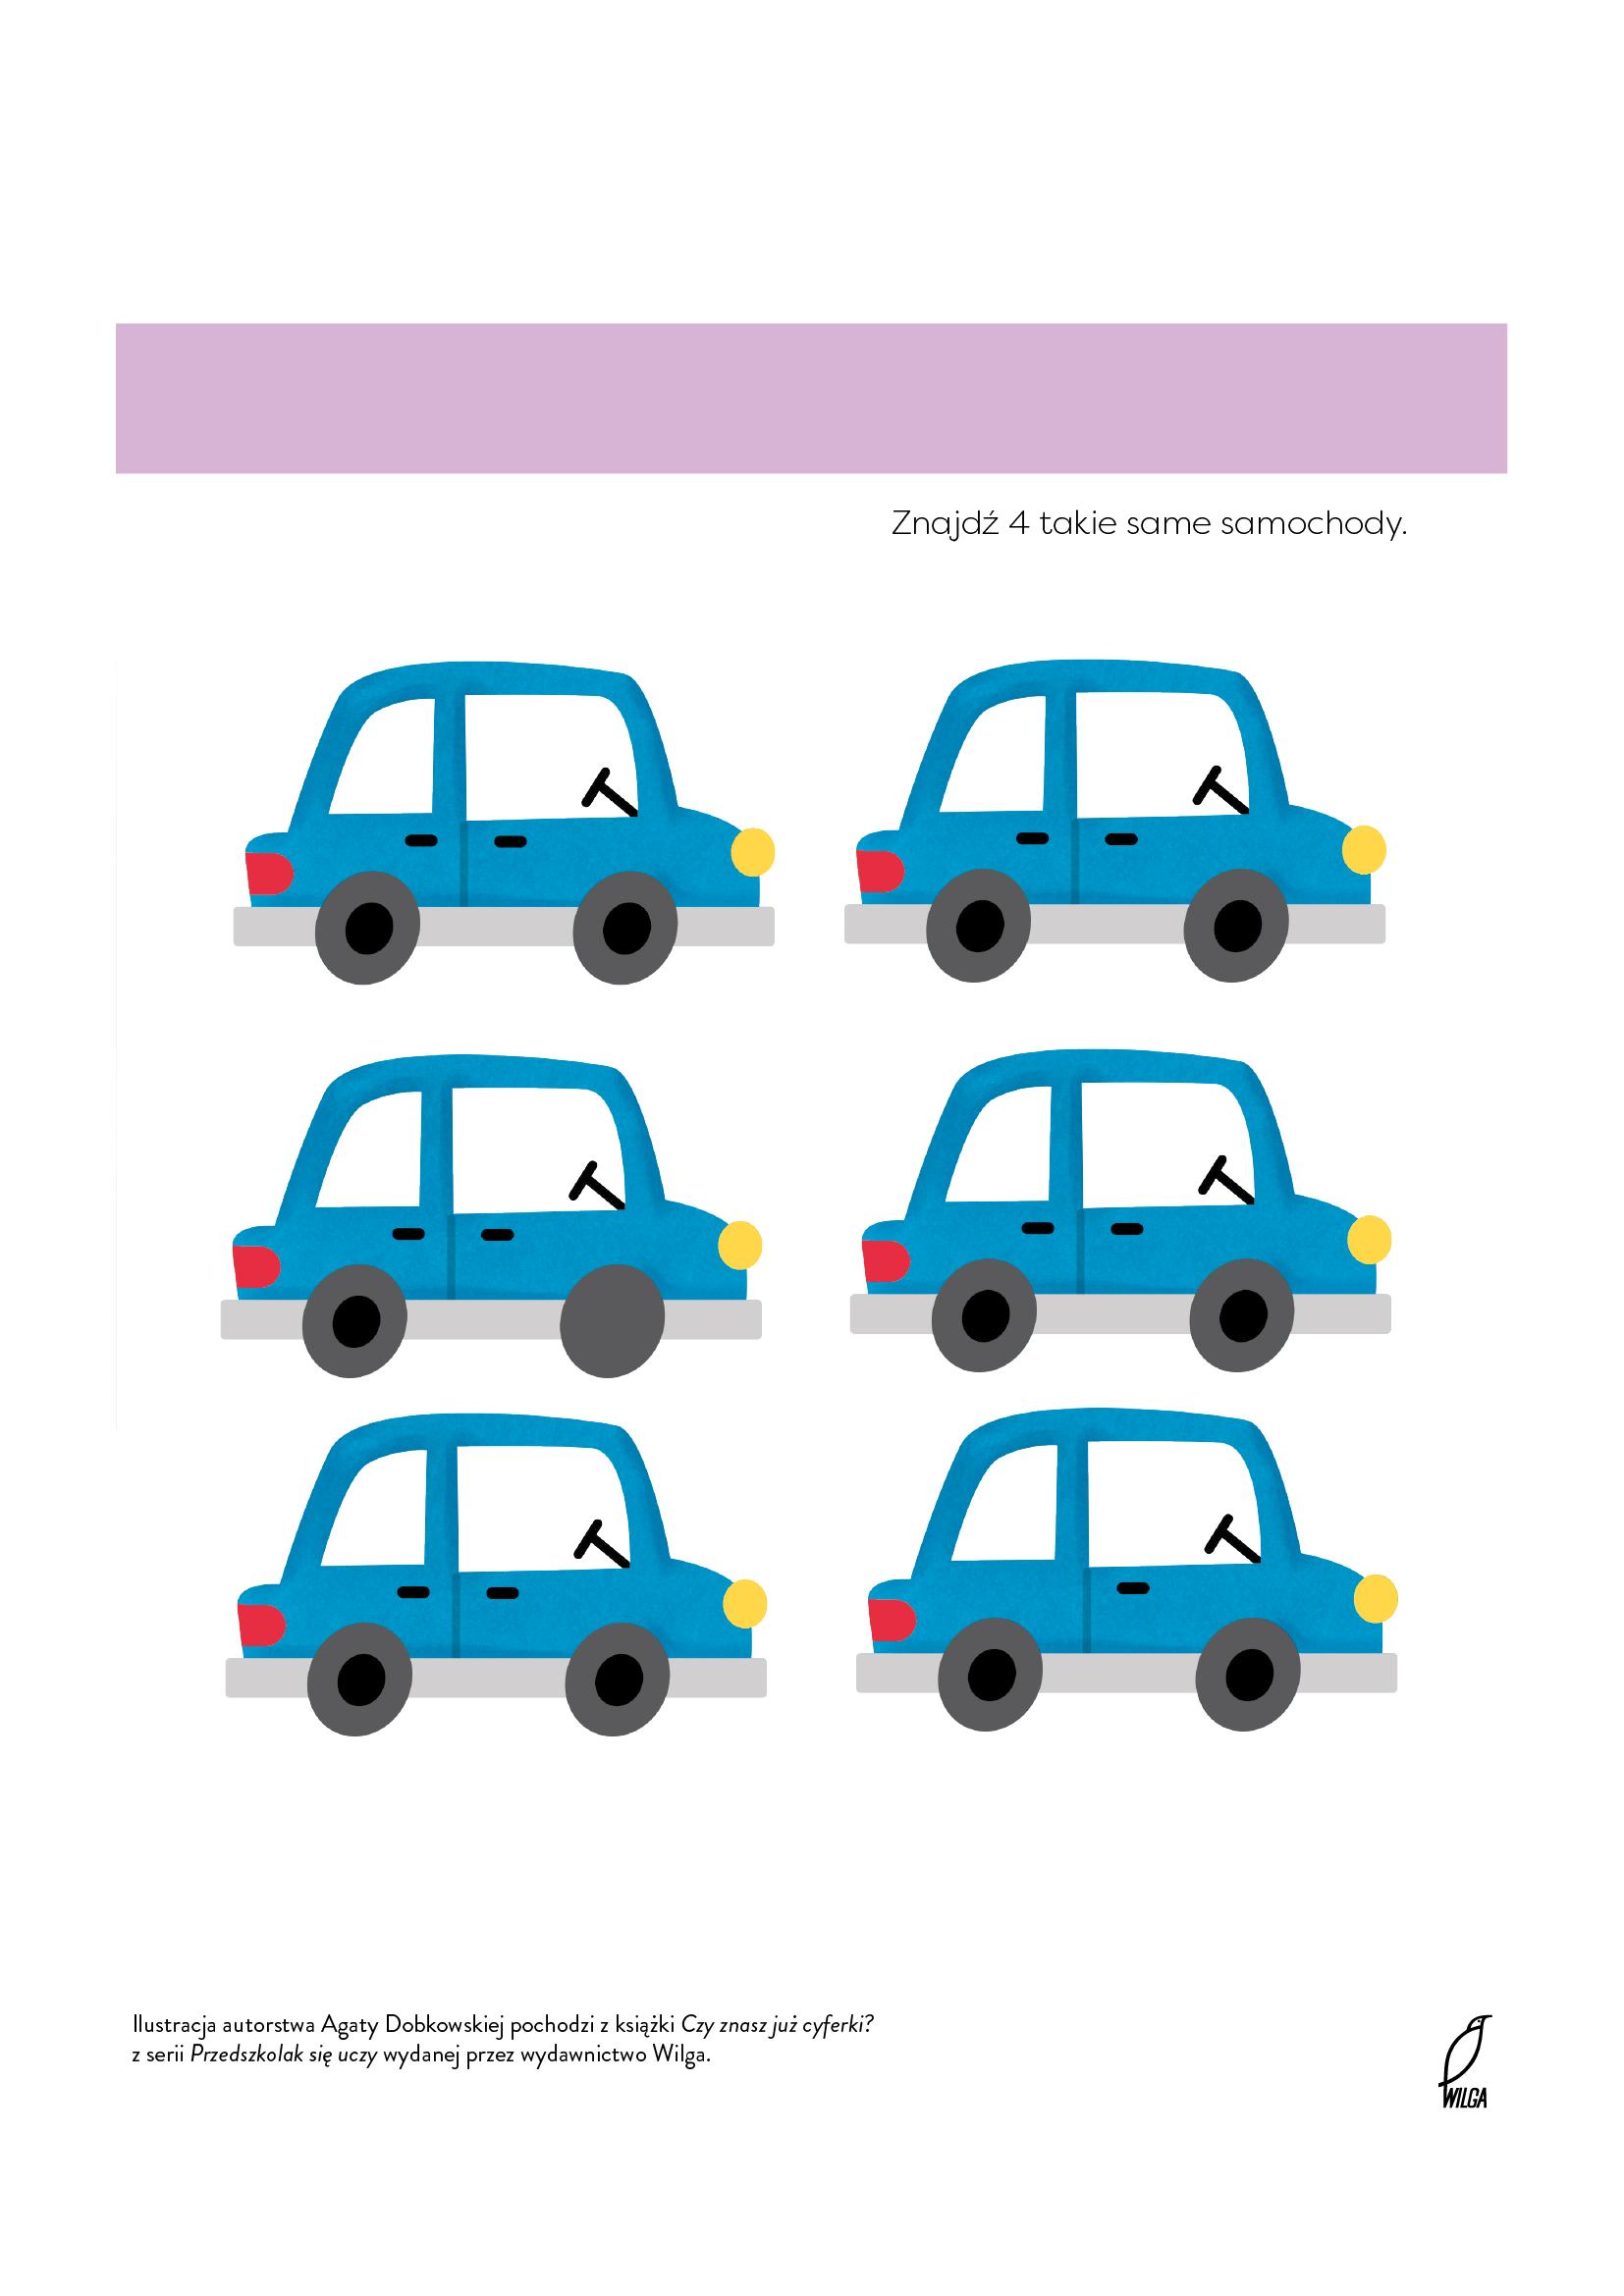 Znajdź takie same samochody, łamigłówka do druku dla chłopców. Darmowe malowanki online i karty pracy